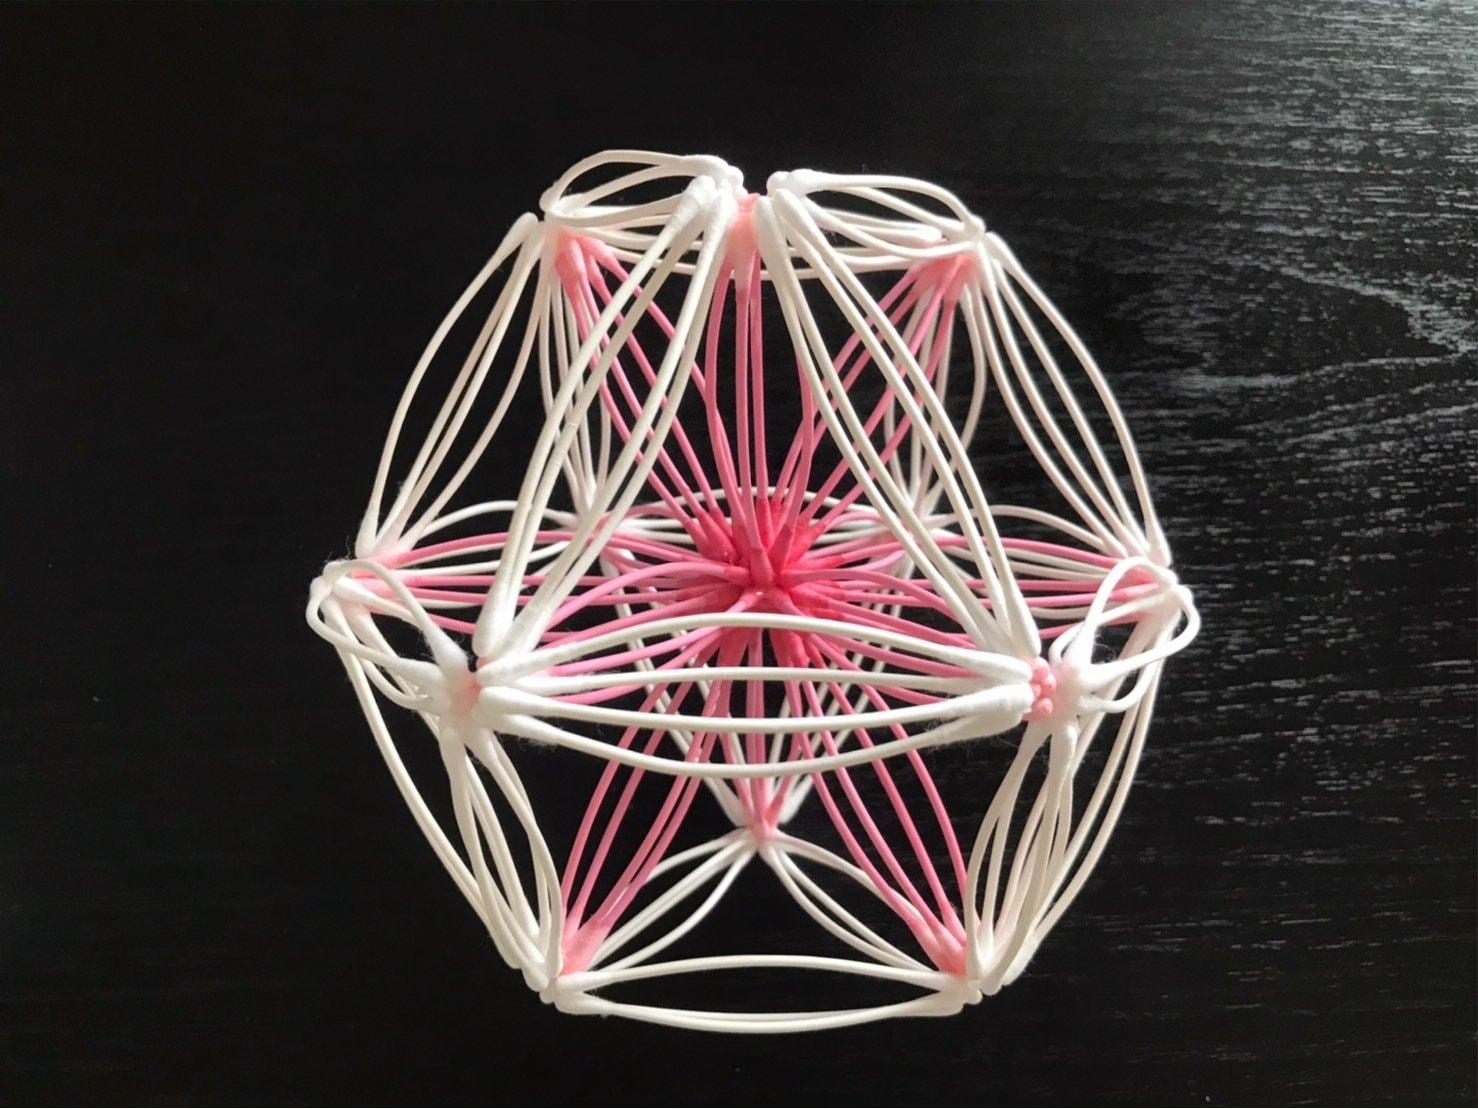 [会員様専用]《8/19 13:00〜》紙=神の棒! 綿棒でつくる 立体の神聖幾何学 (ベクトル平衡体) ワークショップのイメージその1